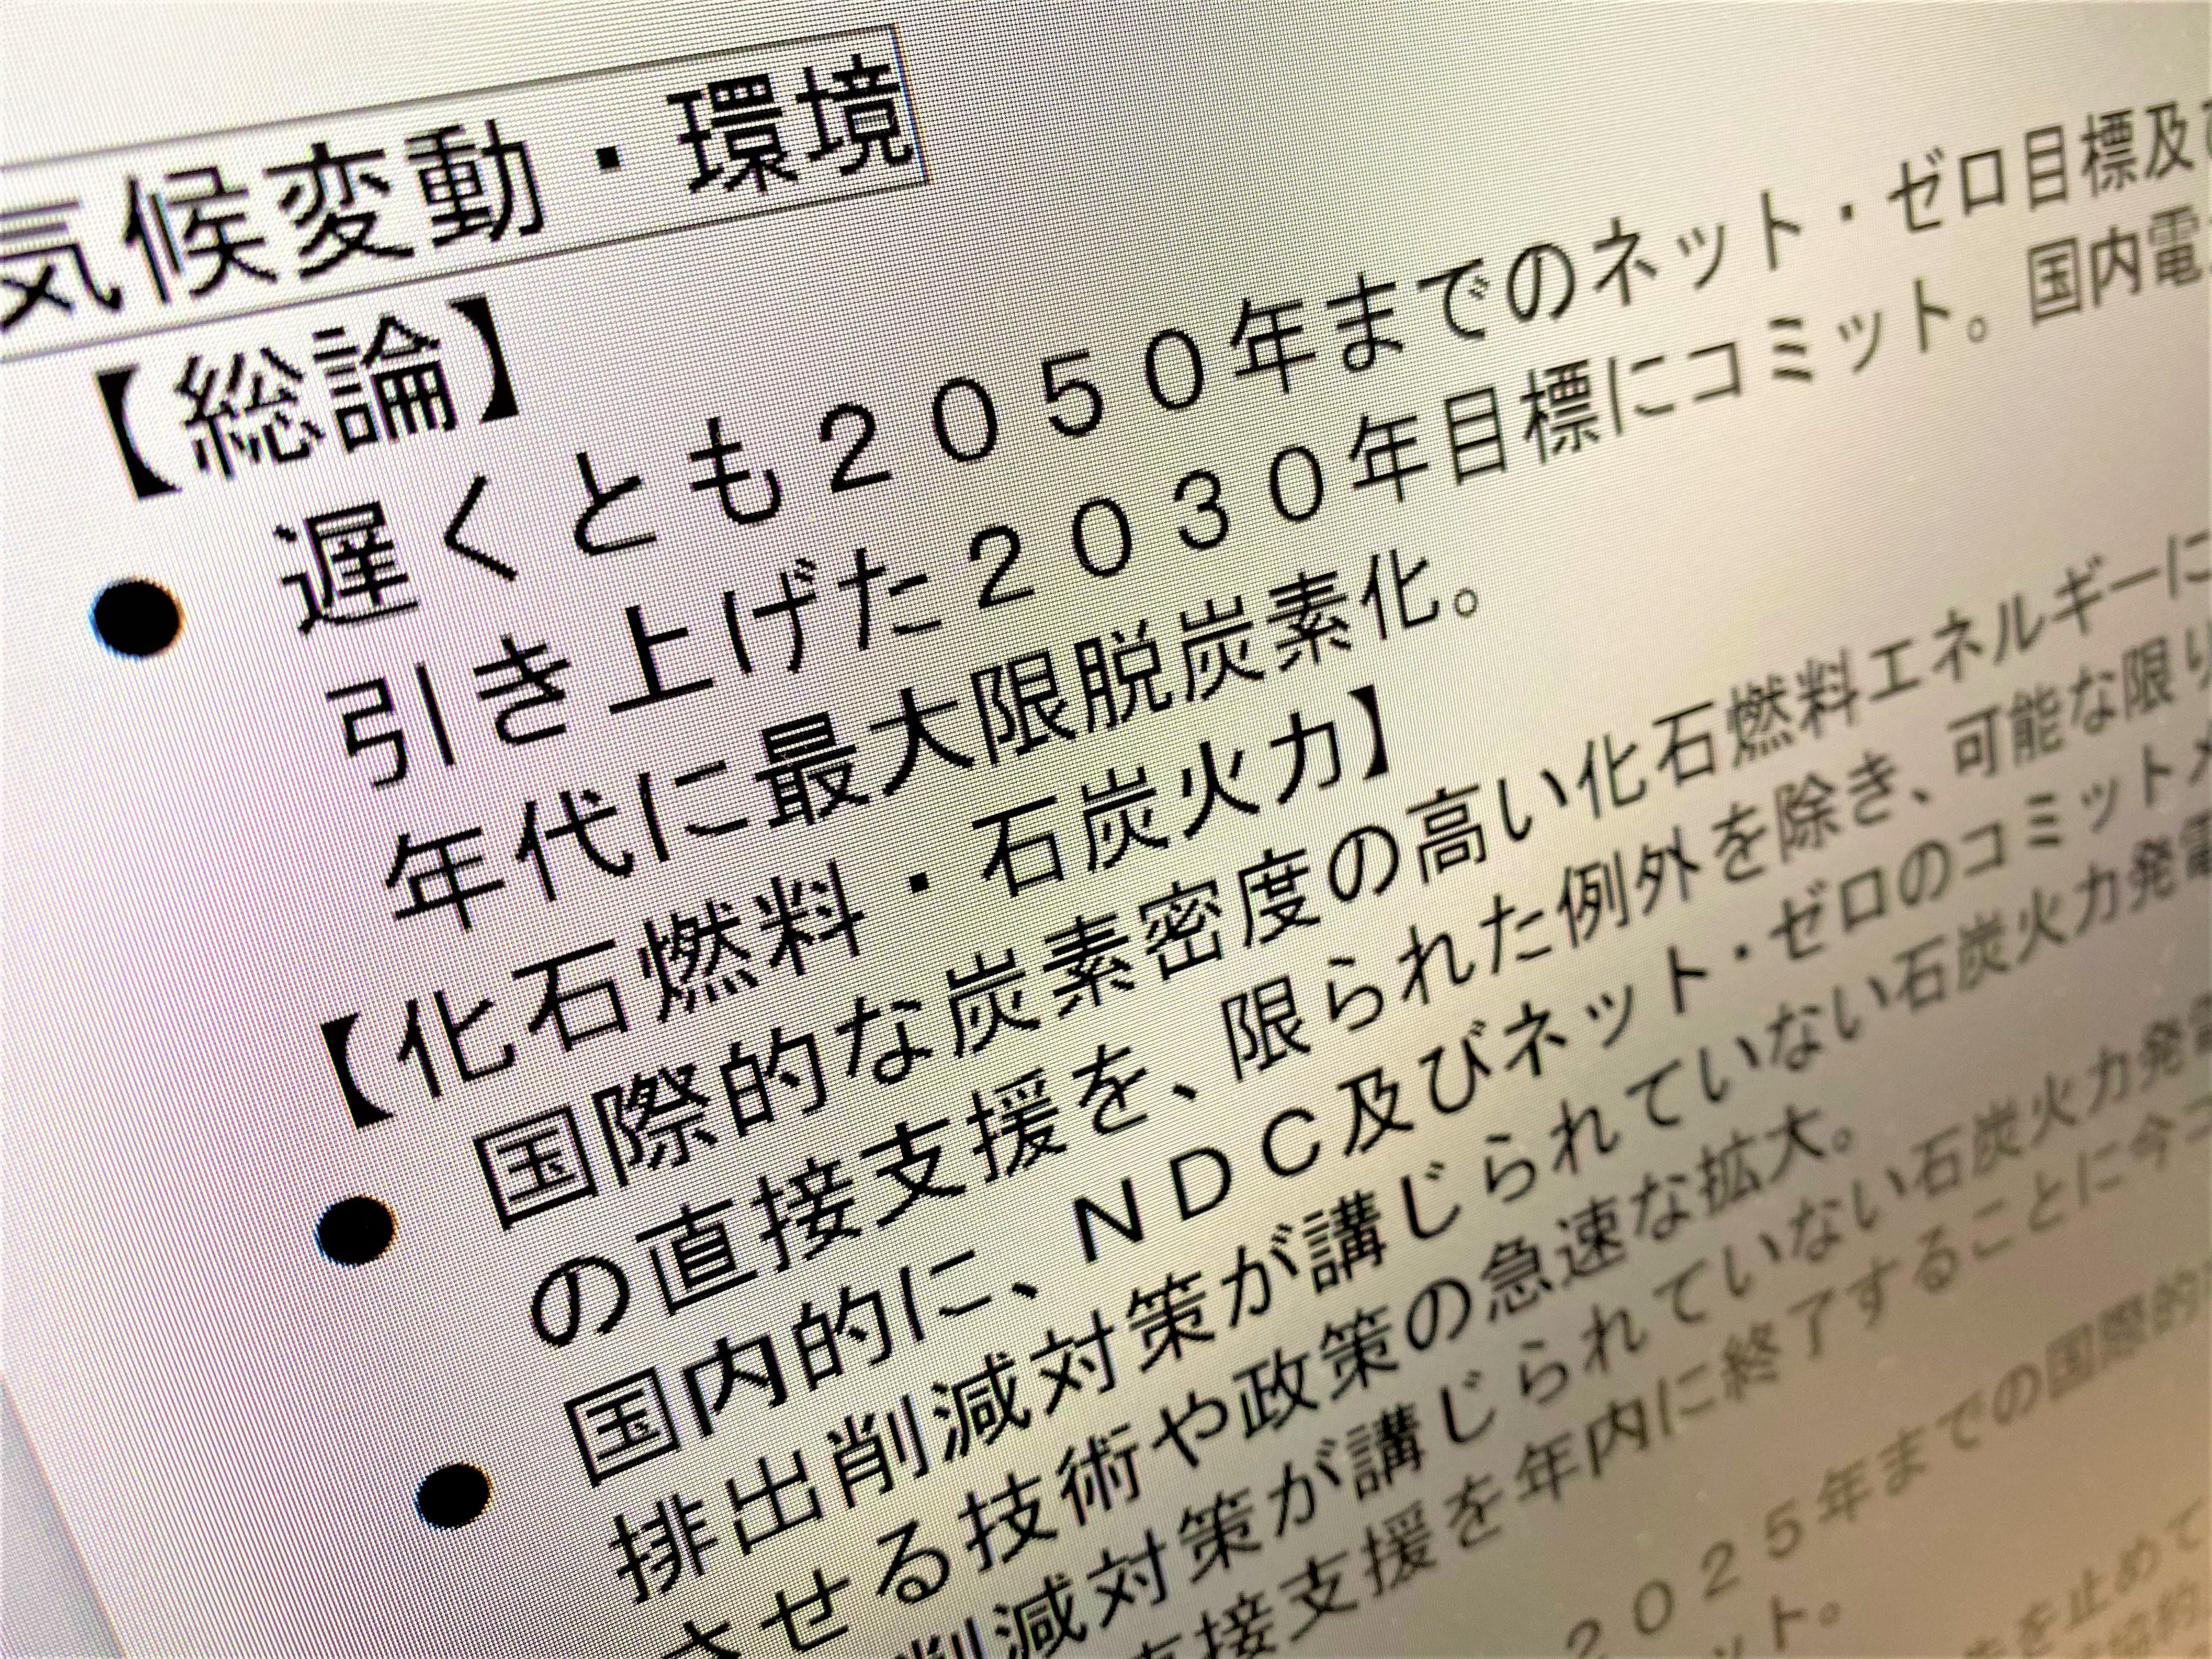 環境団体 G7ふまえ「日本は2030年石炭全廃を」